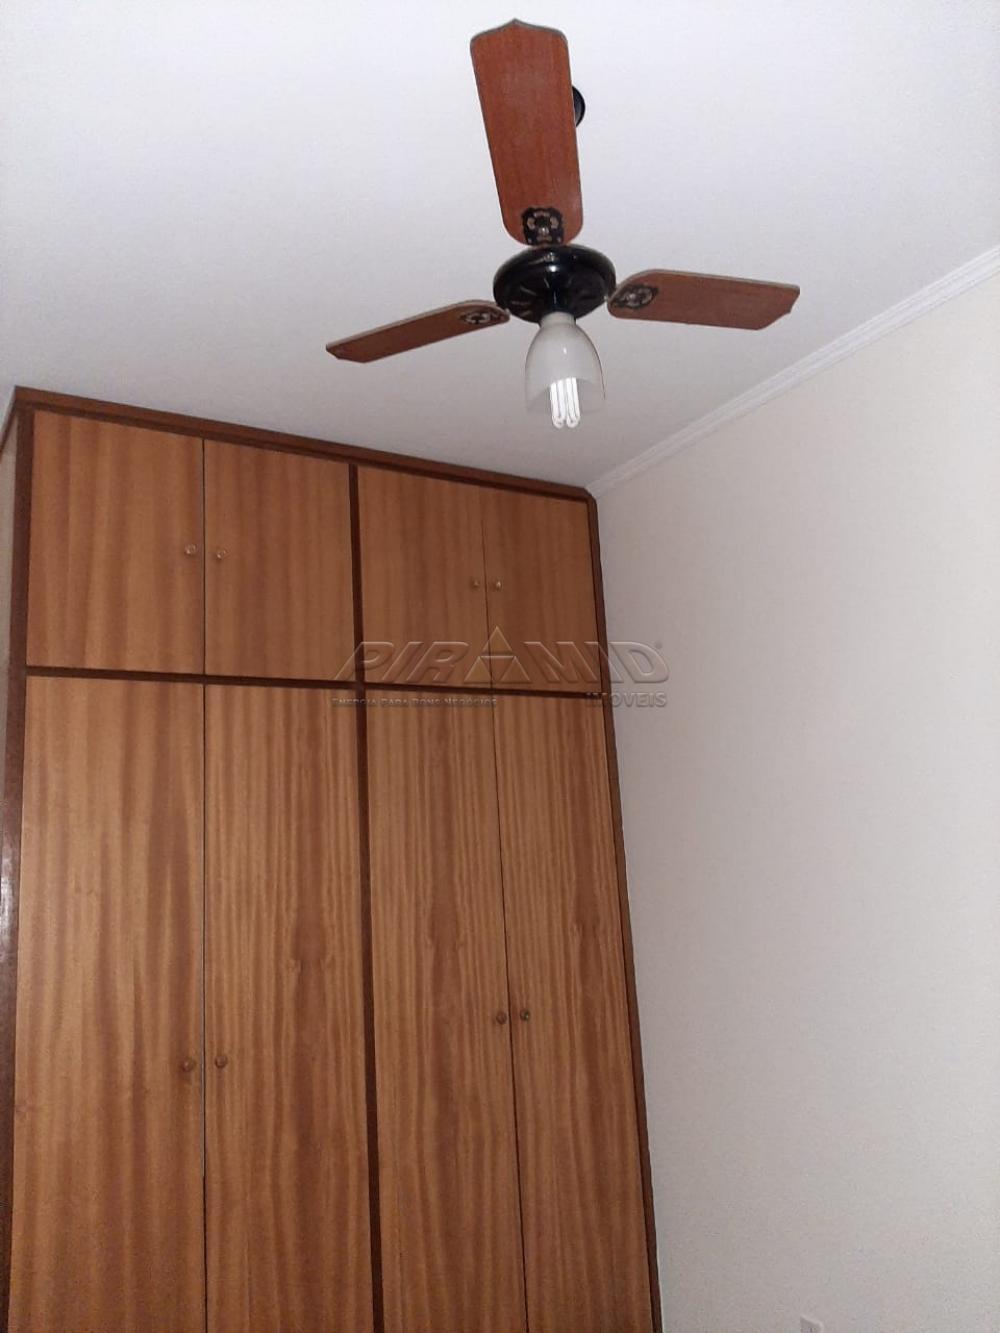 Comprar Casa / Padrão em Ribeirão Preto apenas R$ 200.000,00 - Foto 29